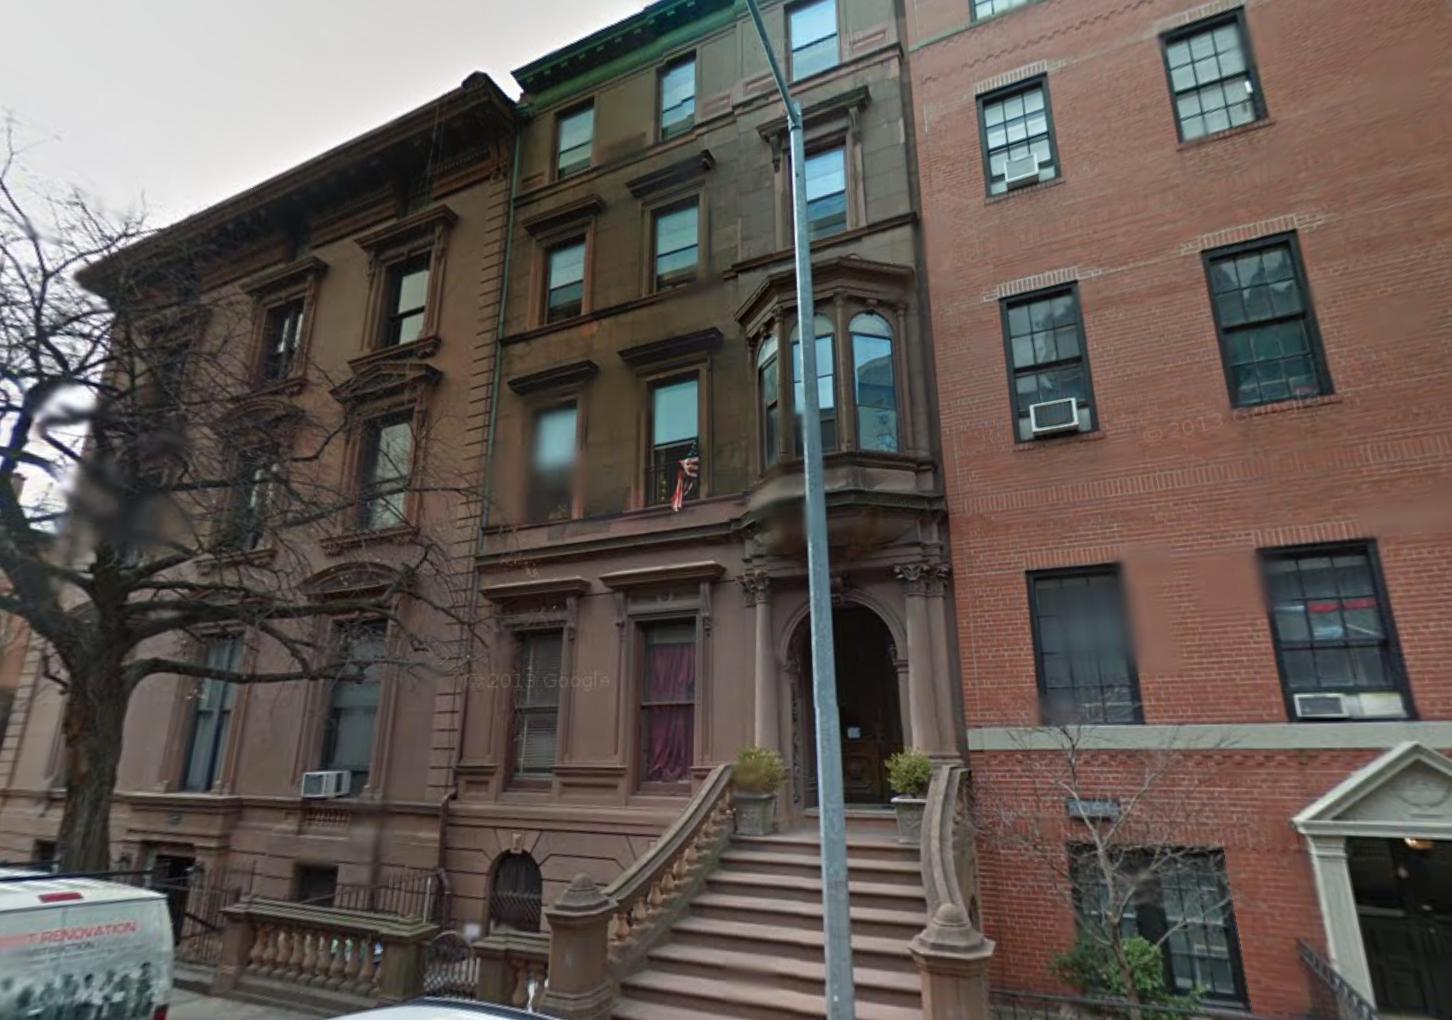 8 Montague Street